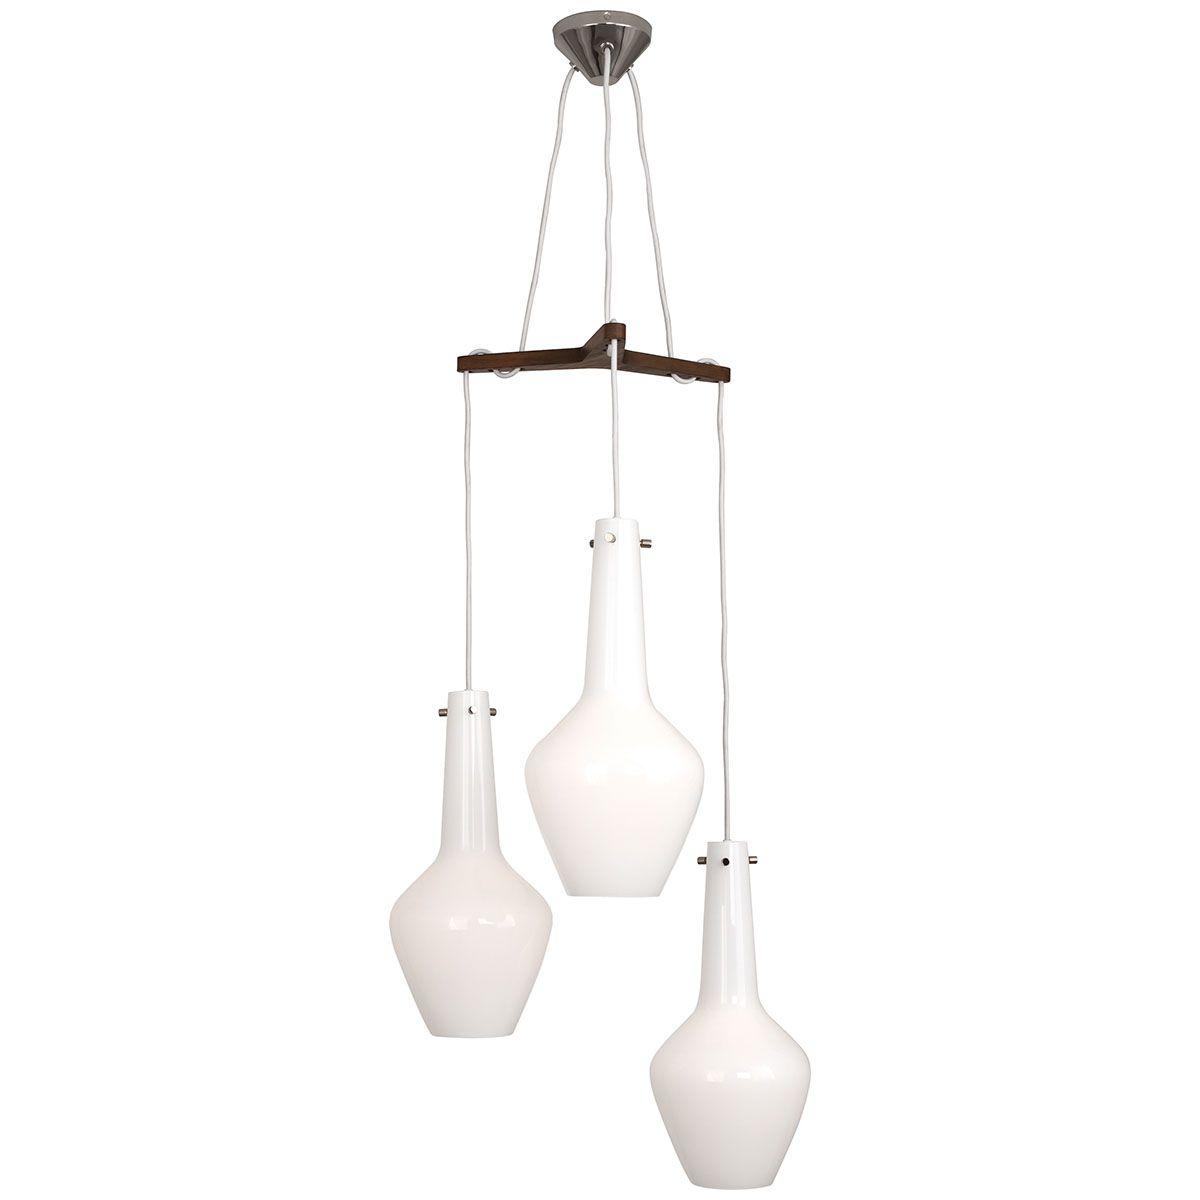 Robert Abbey Jonathan Adler Capri White Cased Glass 3 Light Pendant Wh739